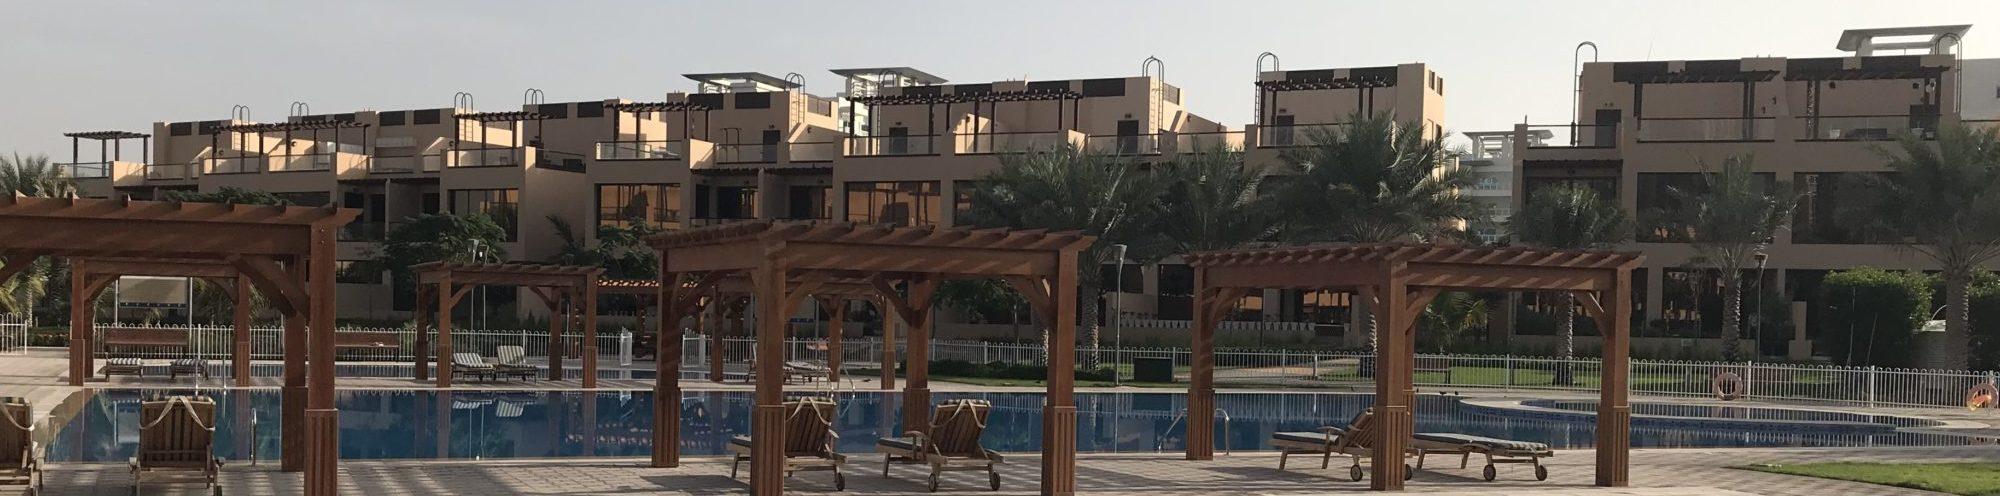 Plog 3 flitsbezoek Dubai deel 1